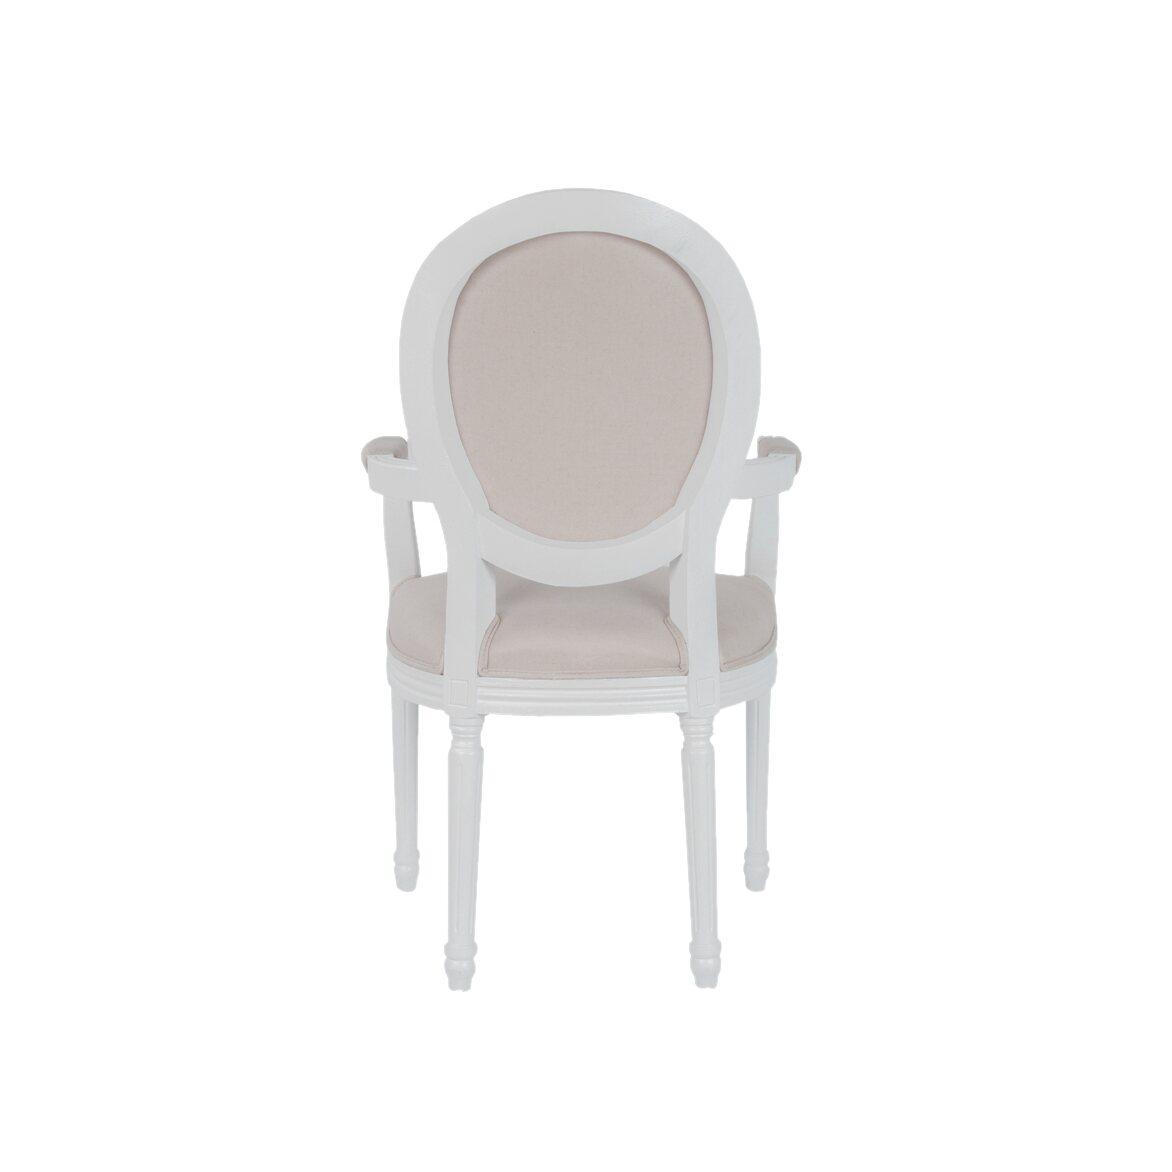 Кресло Diella white 4 | Кресло-стул Kingsby